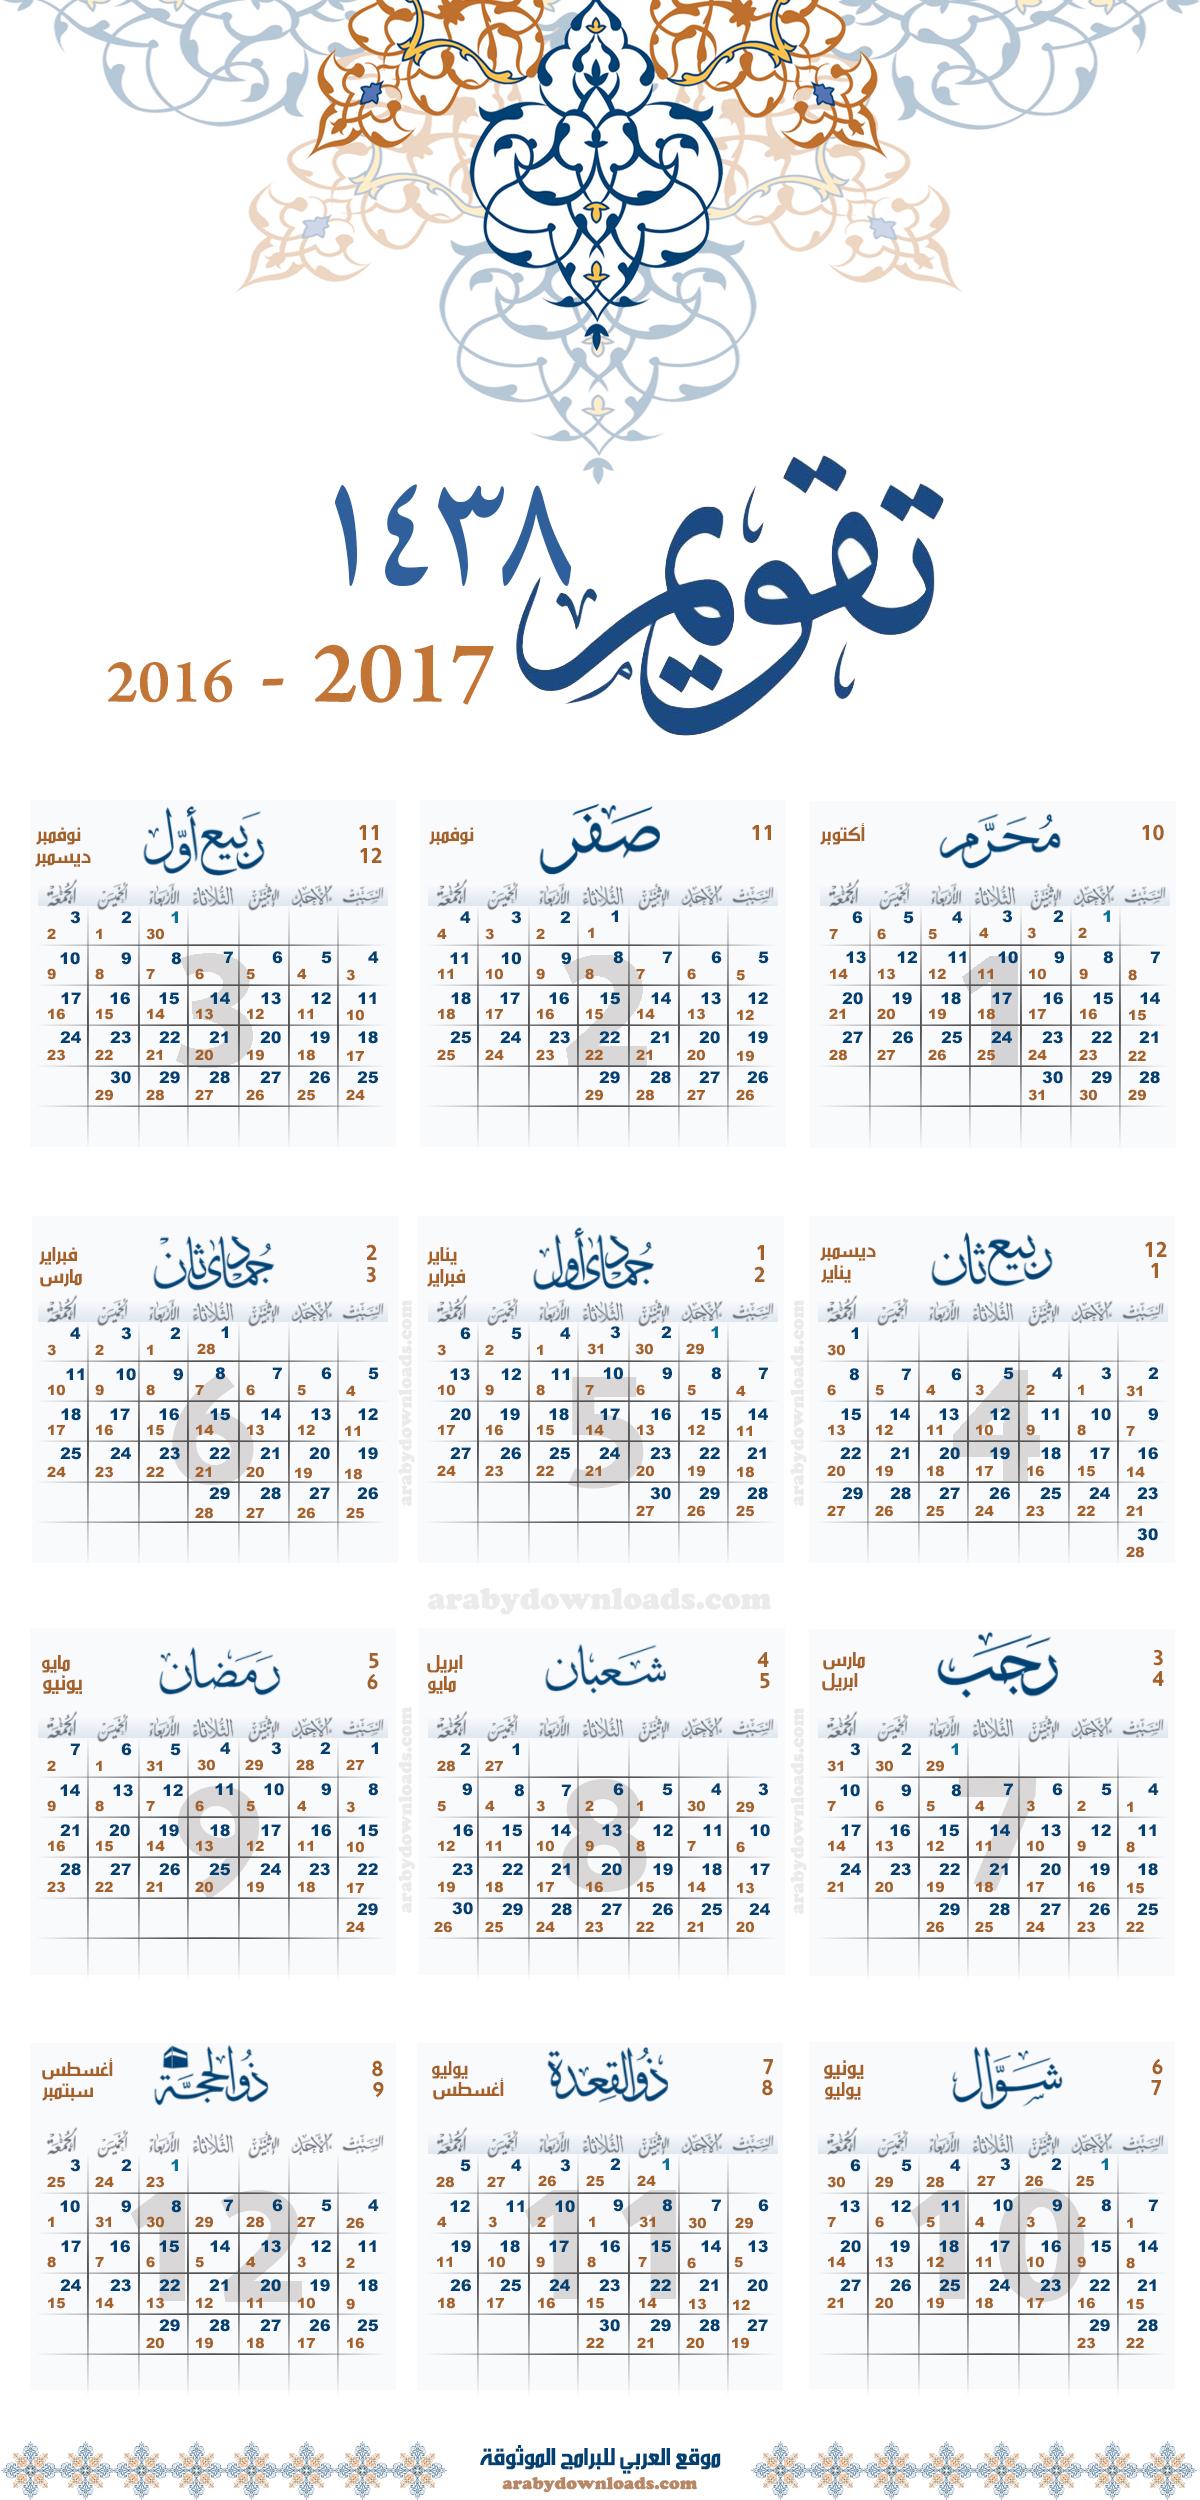 تعتمد المملكة العربية السعودية التقويم الهجري تقويما رسميا.